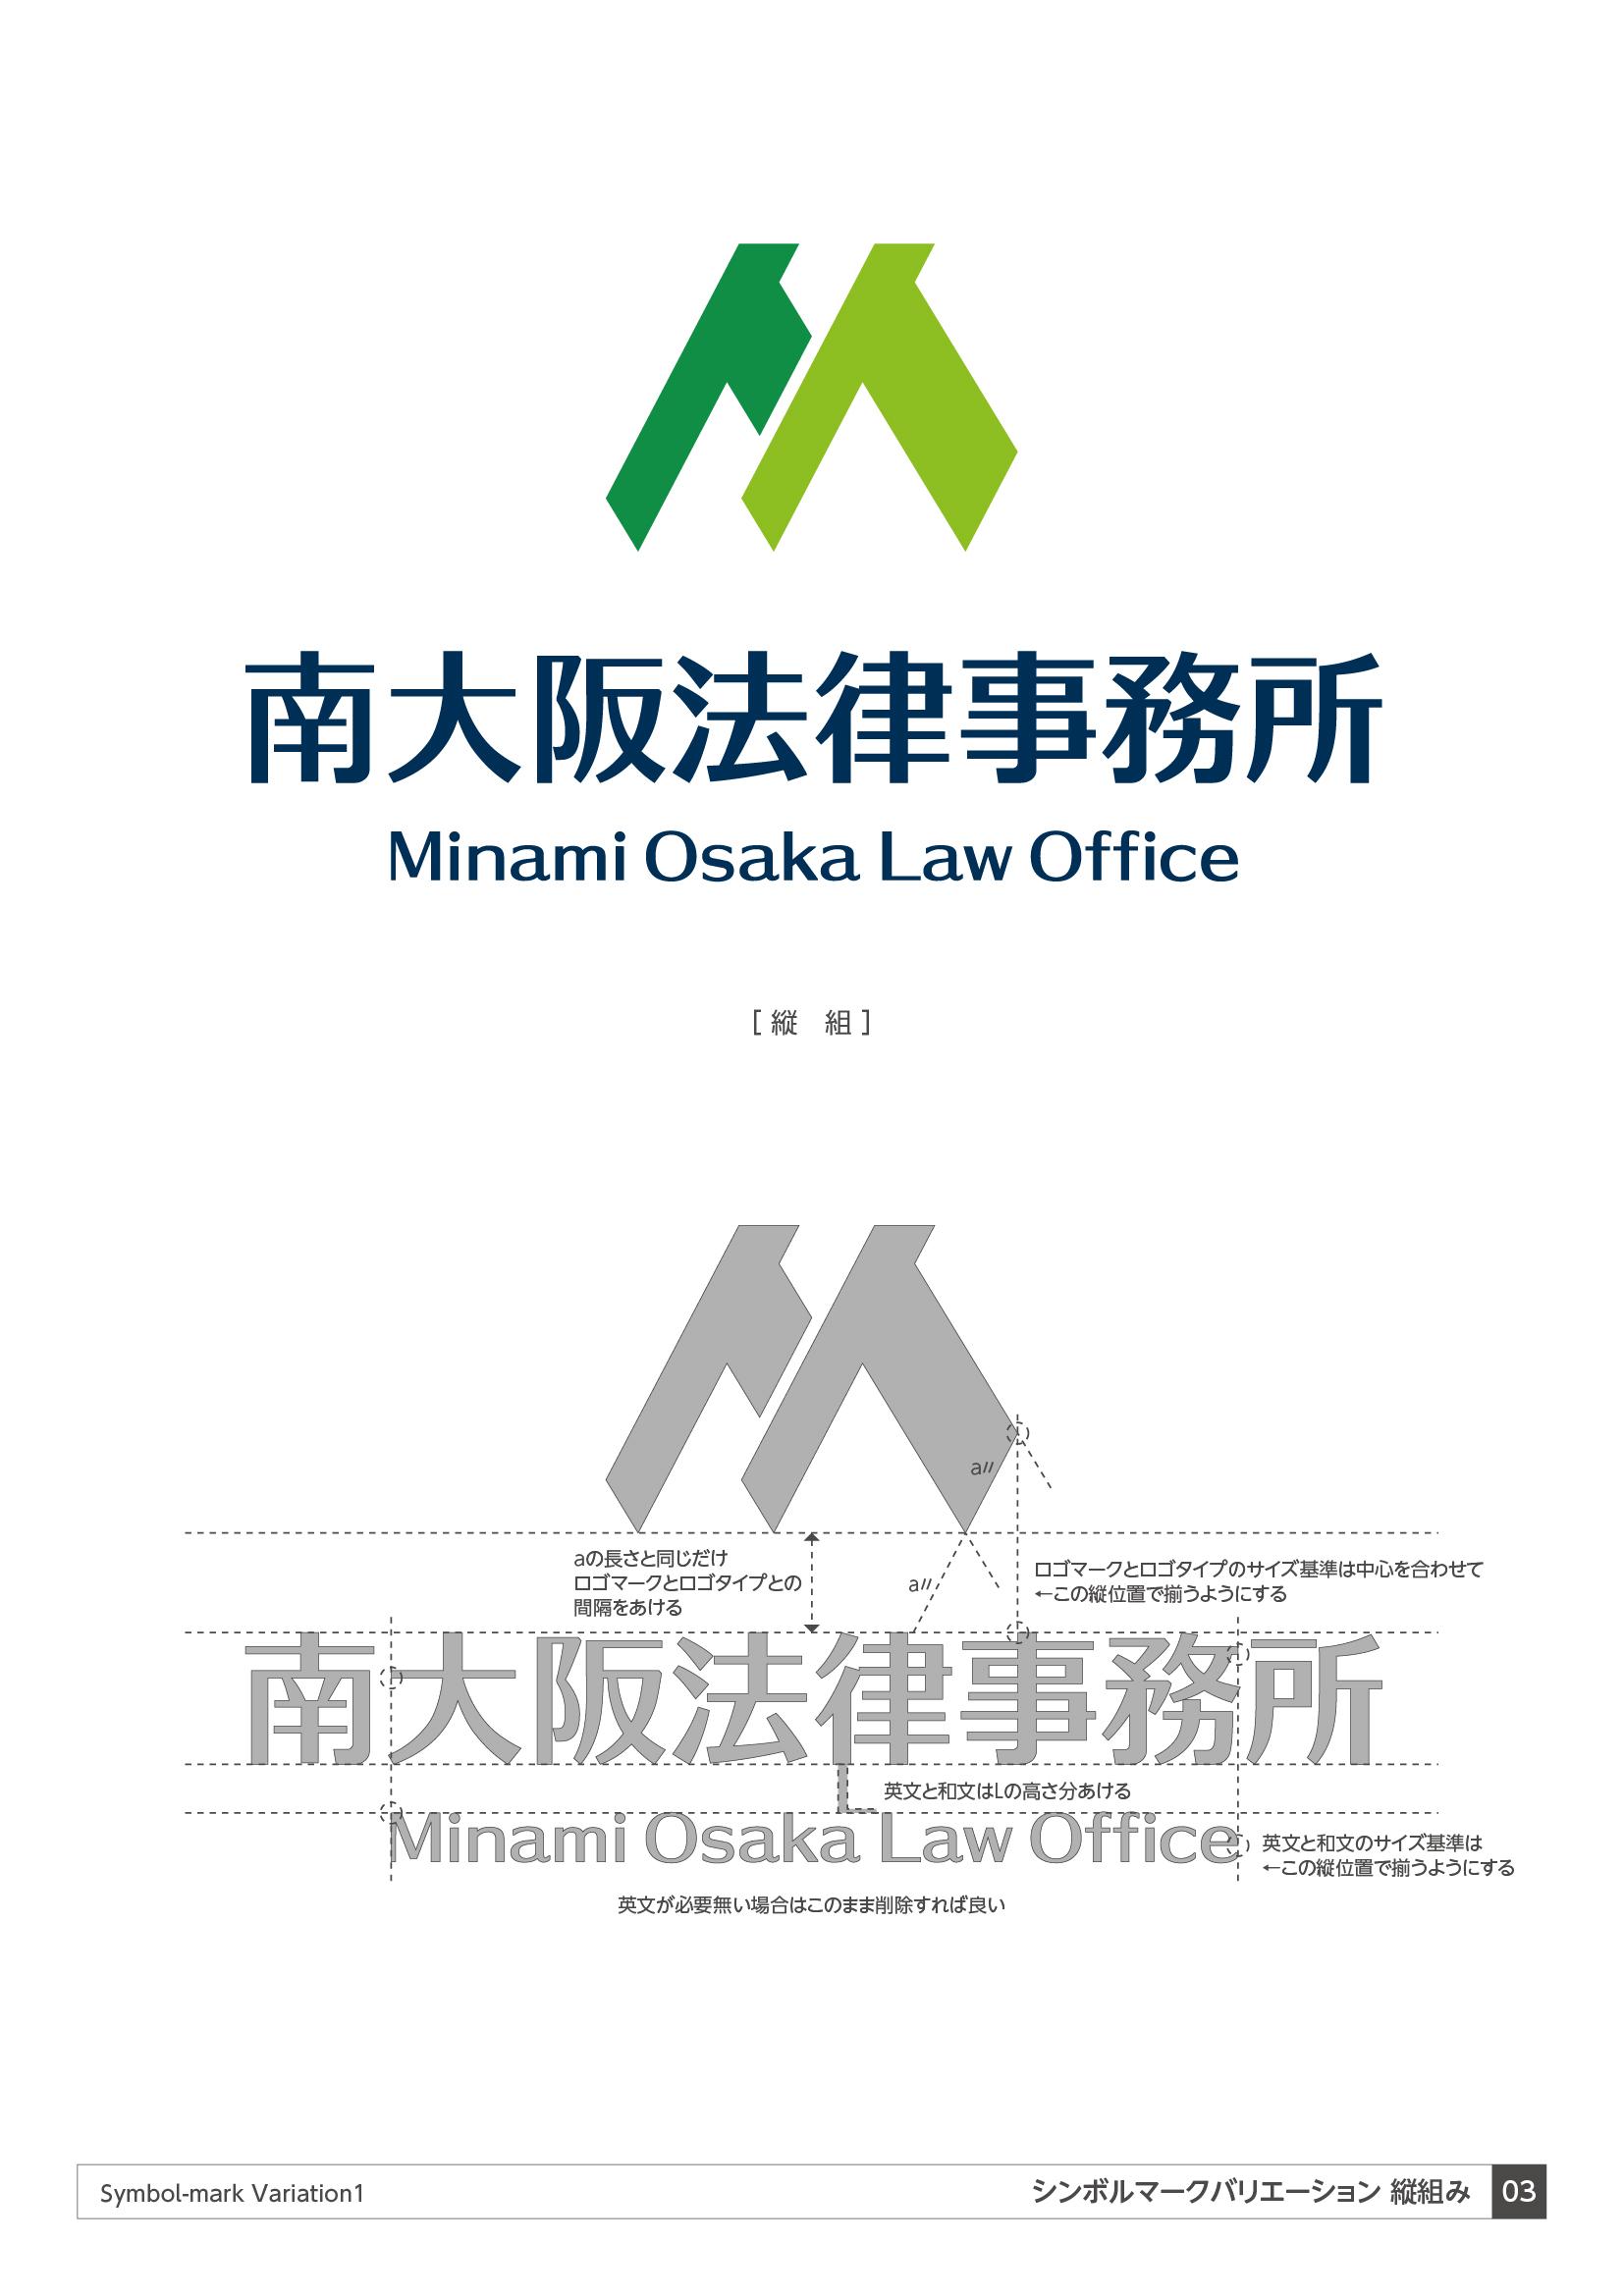 南大阪法律事務所ロゴマーク05